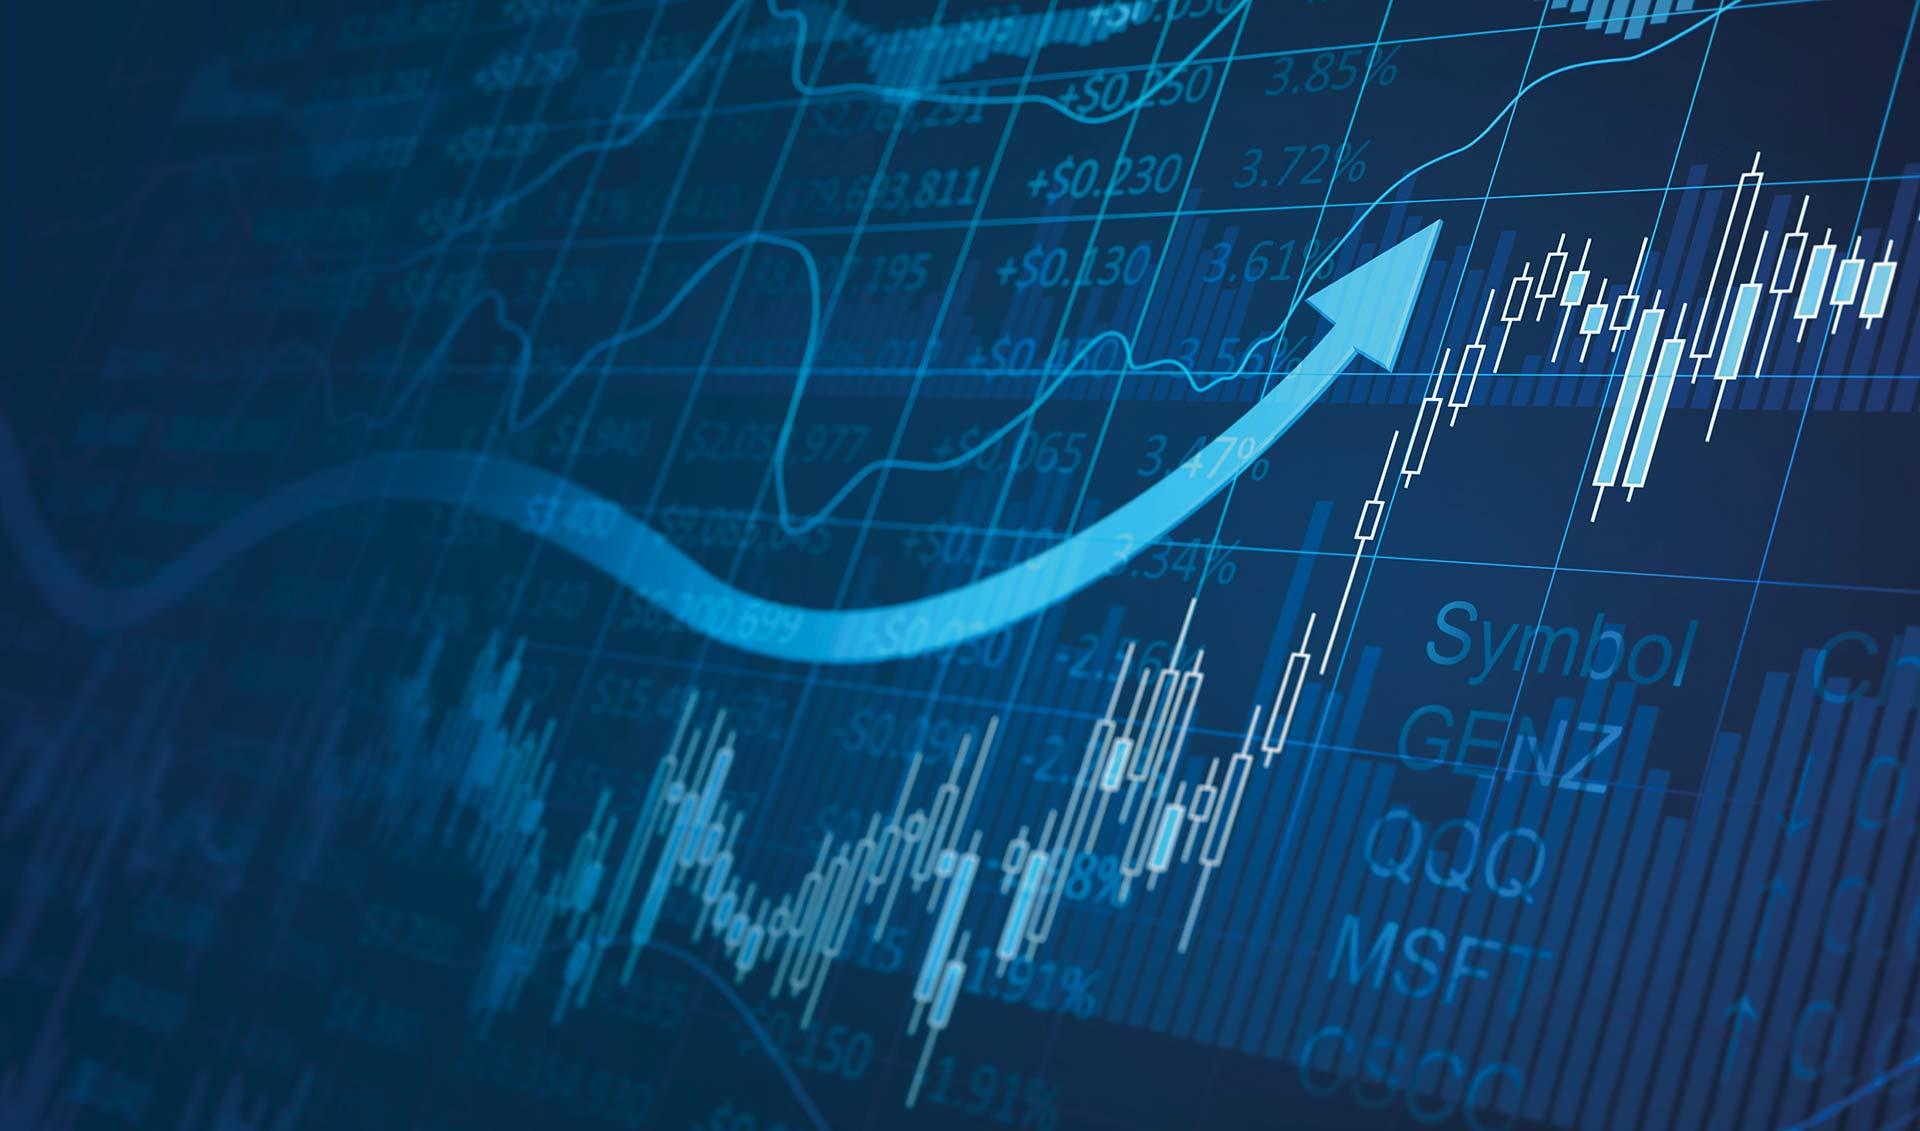 Искусственный интеллект: области применения и снижение рисков